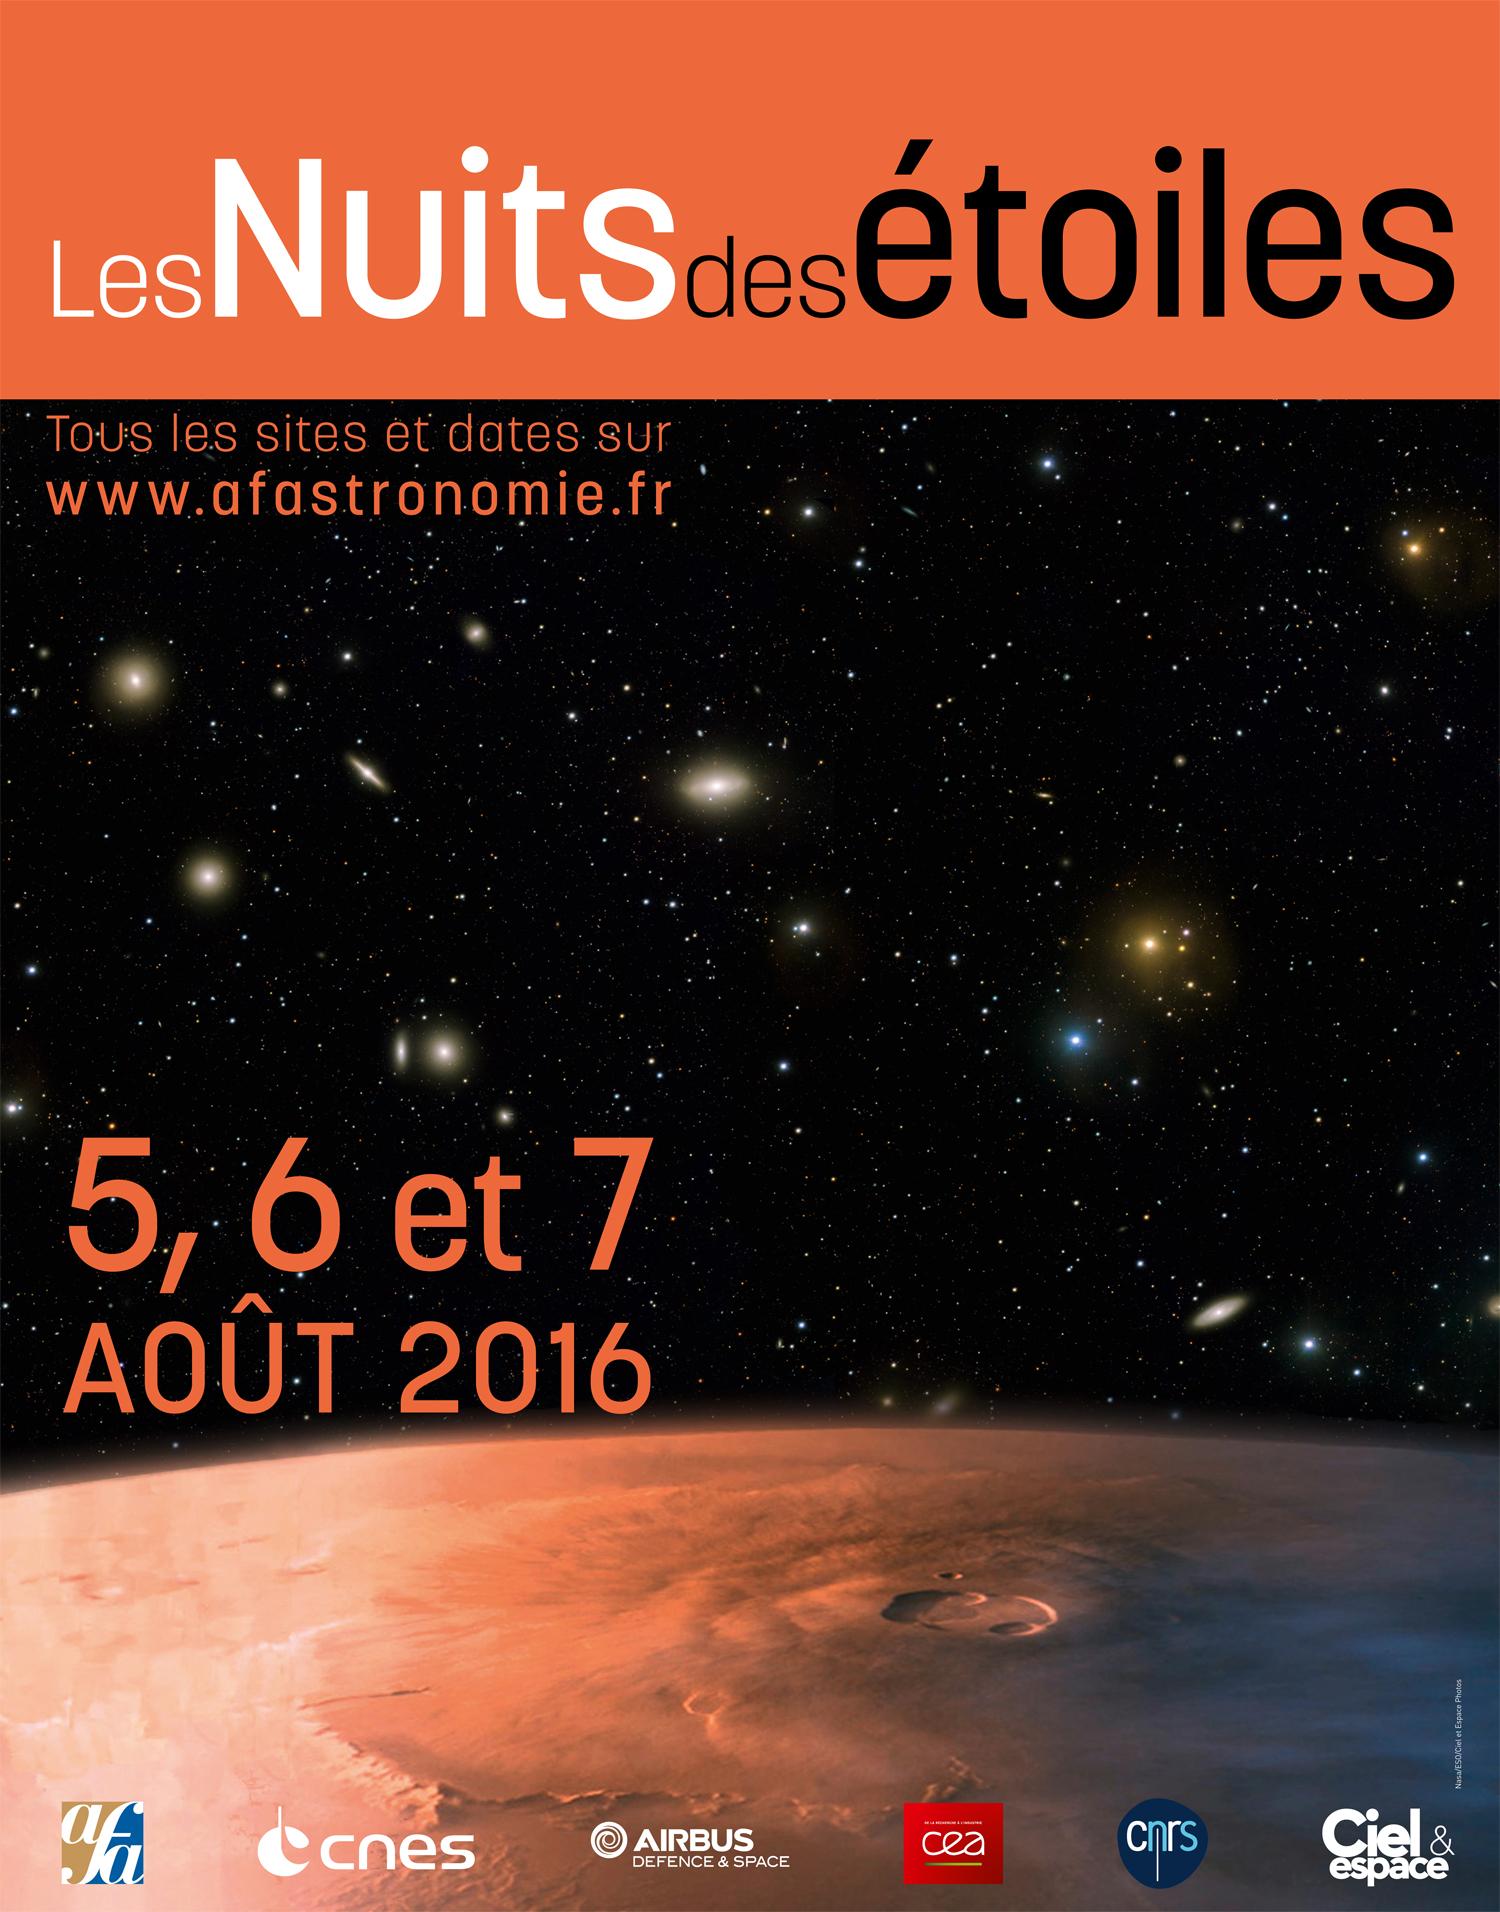 Nuit étoiles 2016 affiche